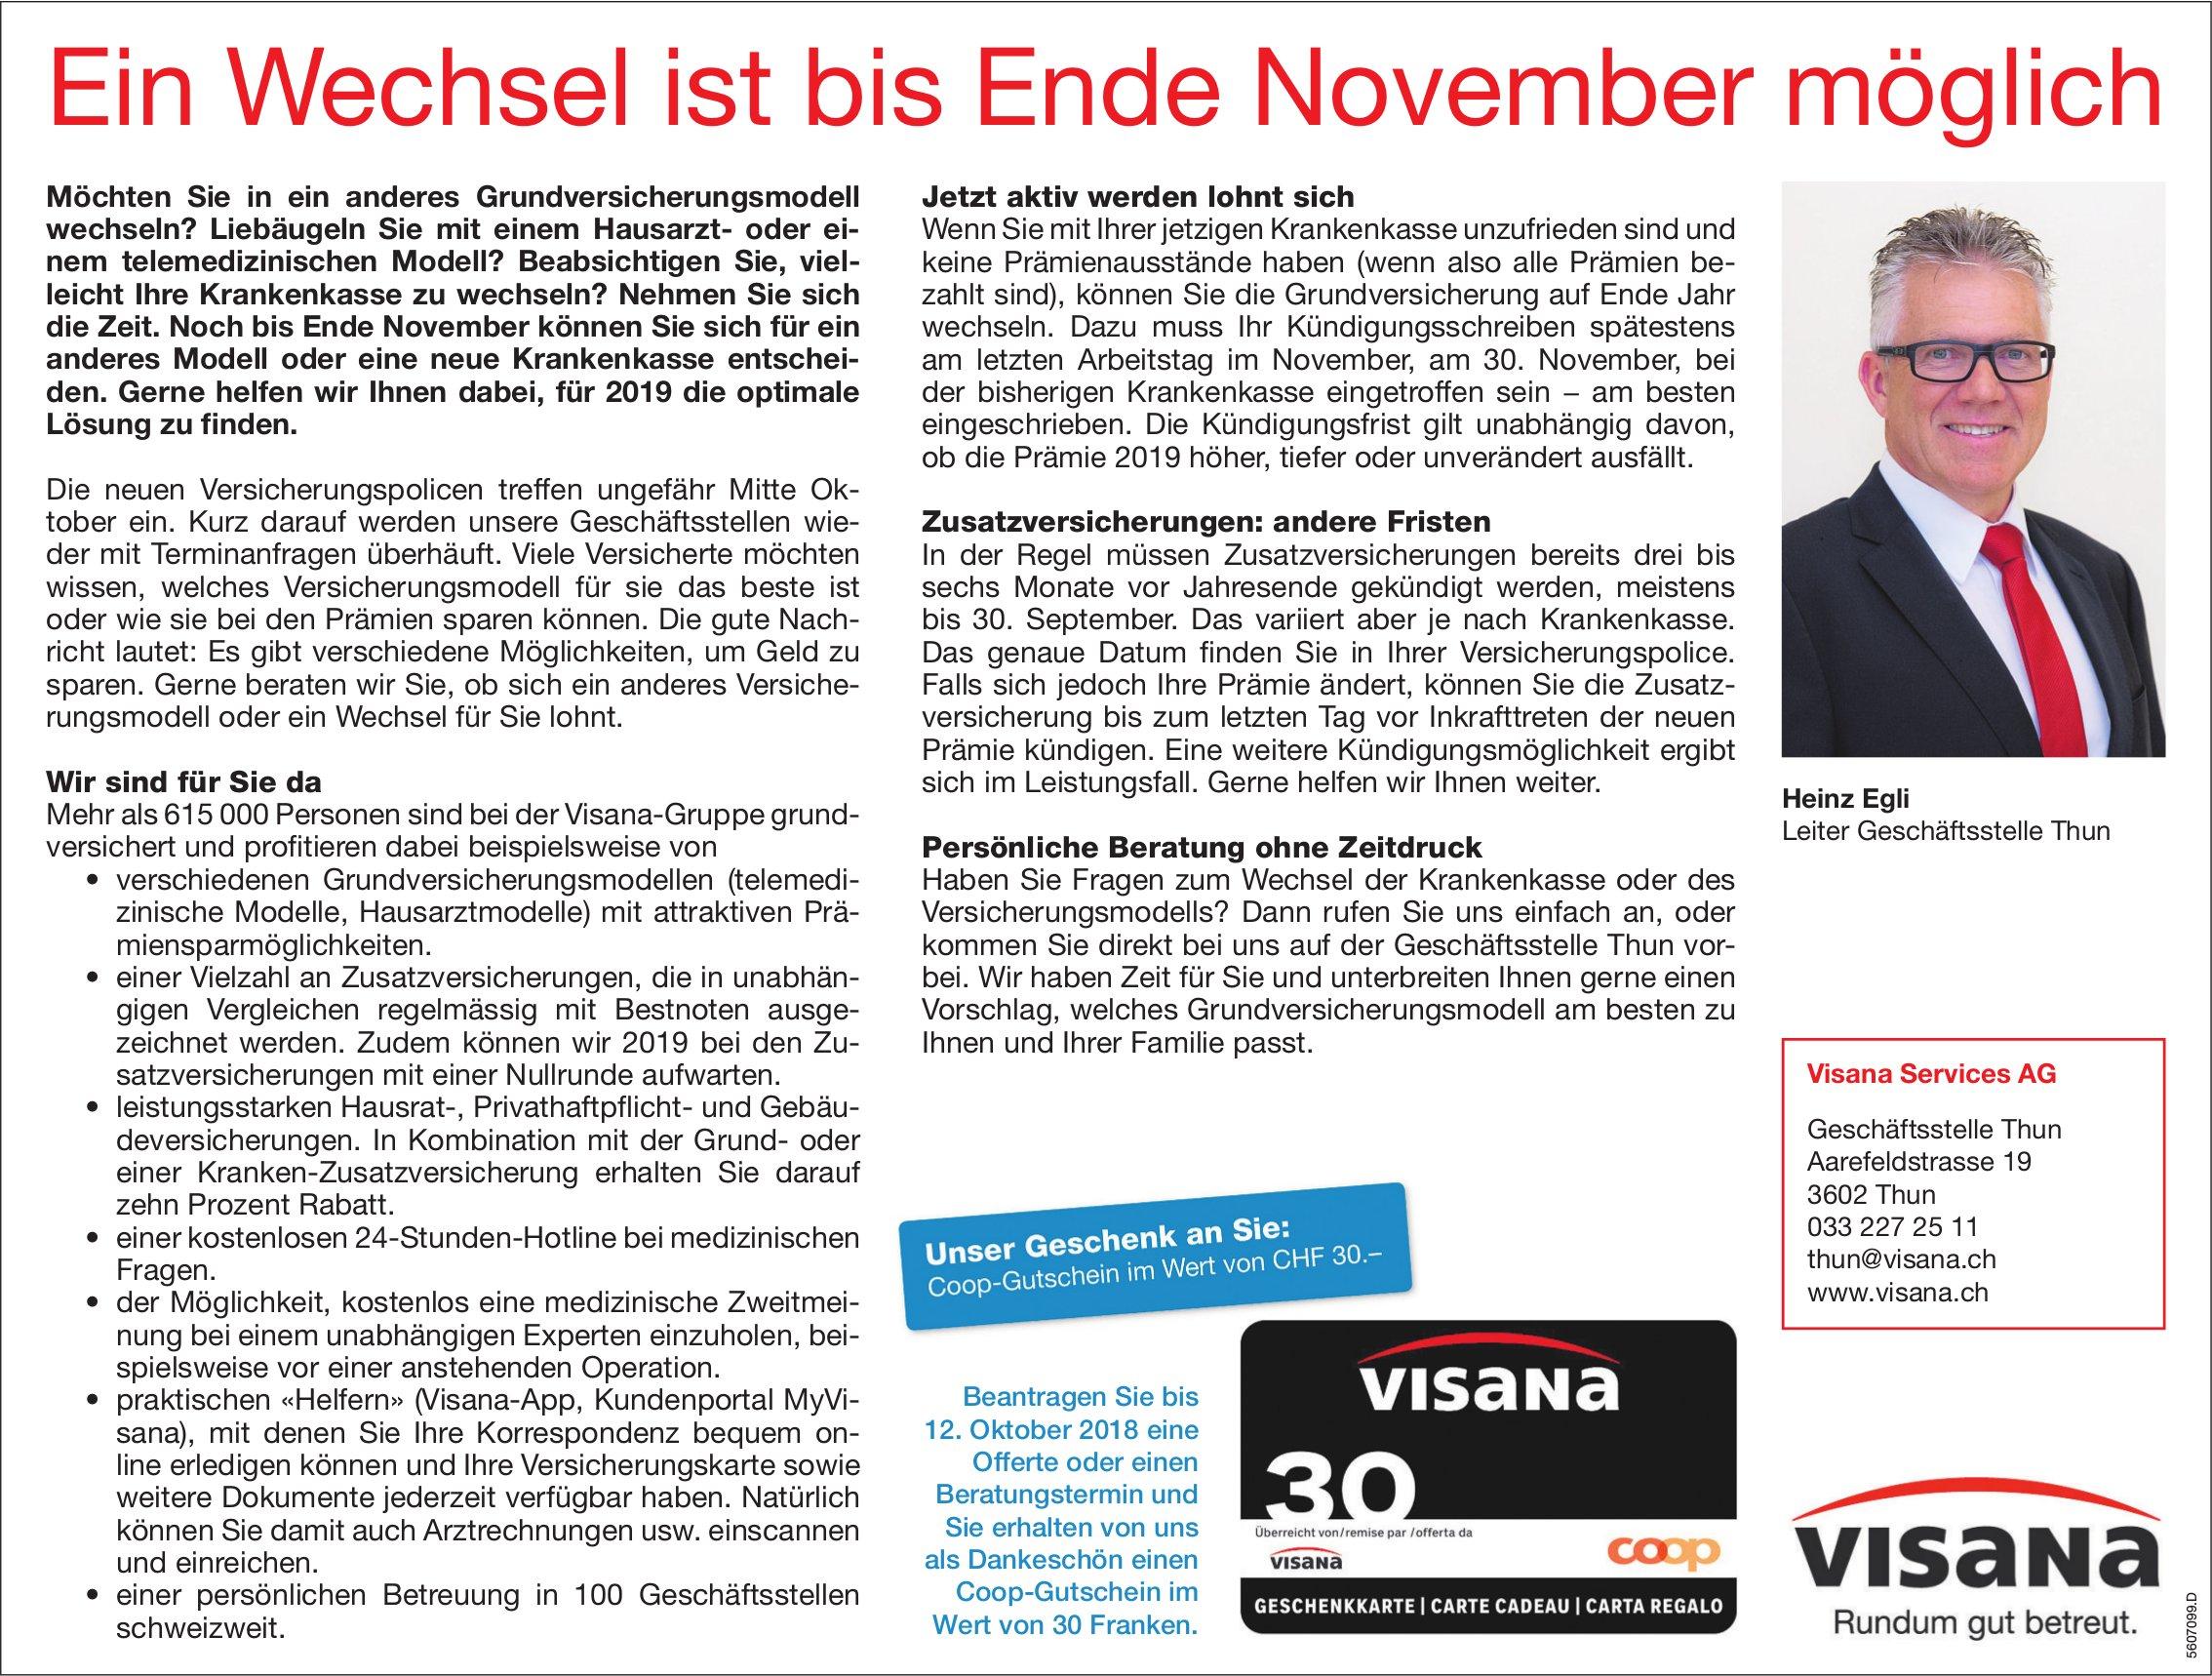 Visana Services AG - Ein Wechsel ist bis Ende November möglich